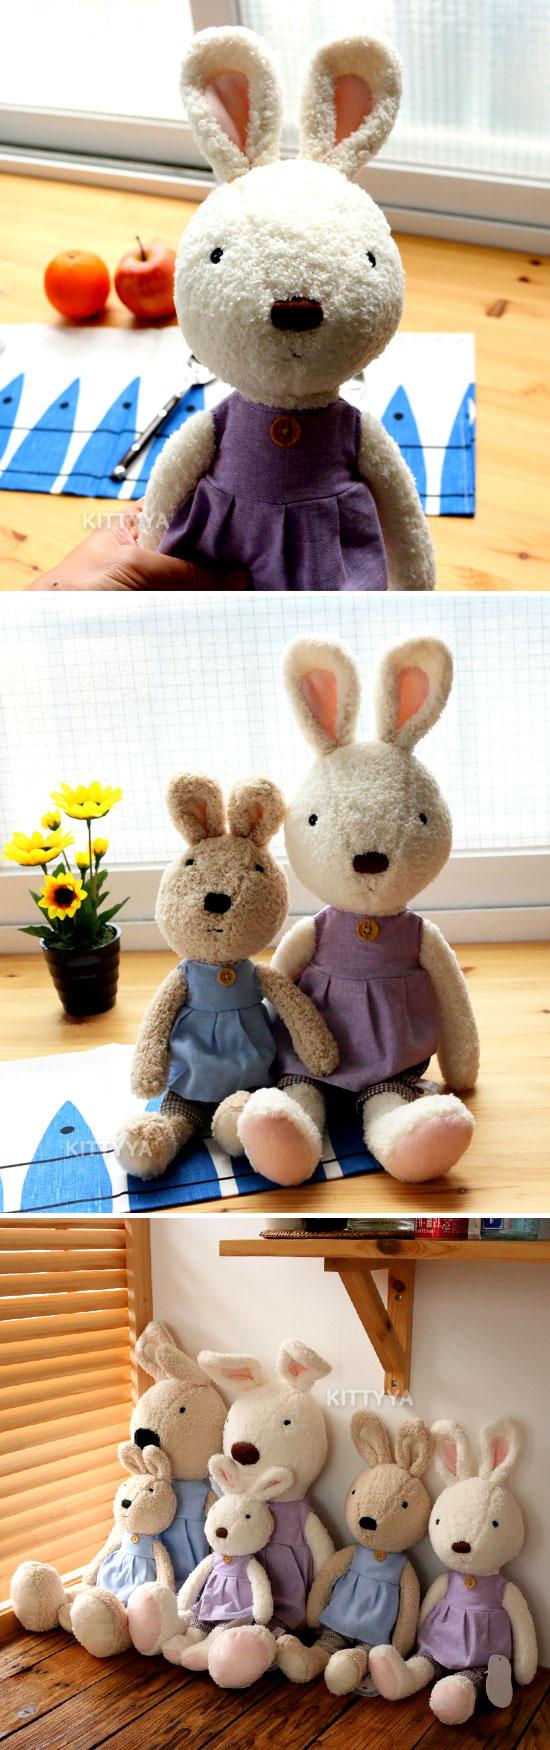 르슈크레 토끼 튜닉인형 대 L (2color) - 키티야, 45,000원, 캐릭터인형, 르슈크레